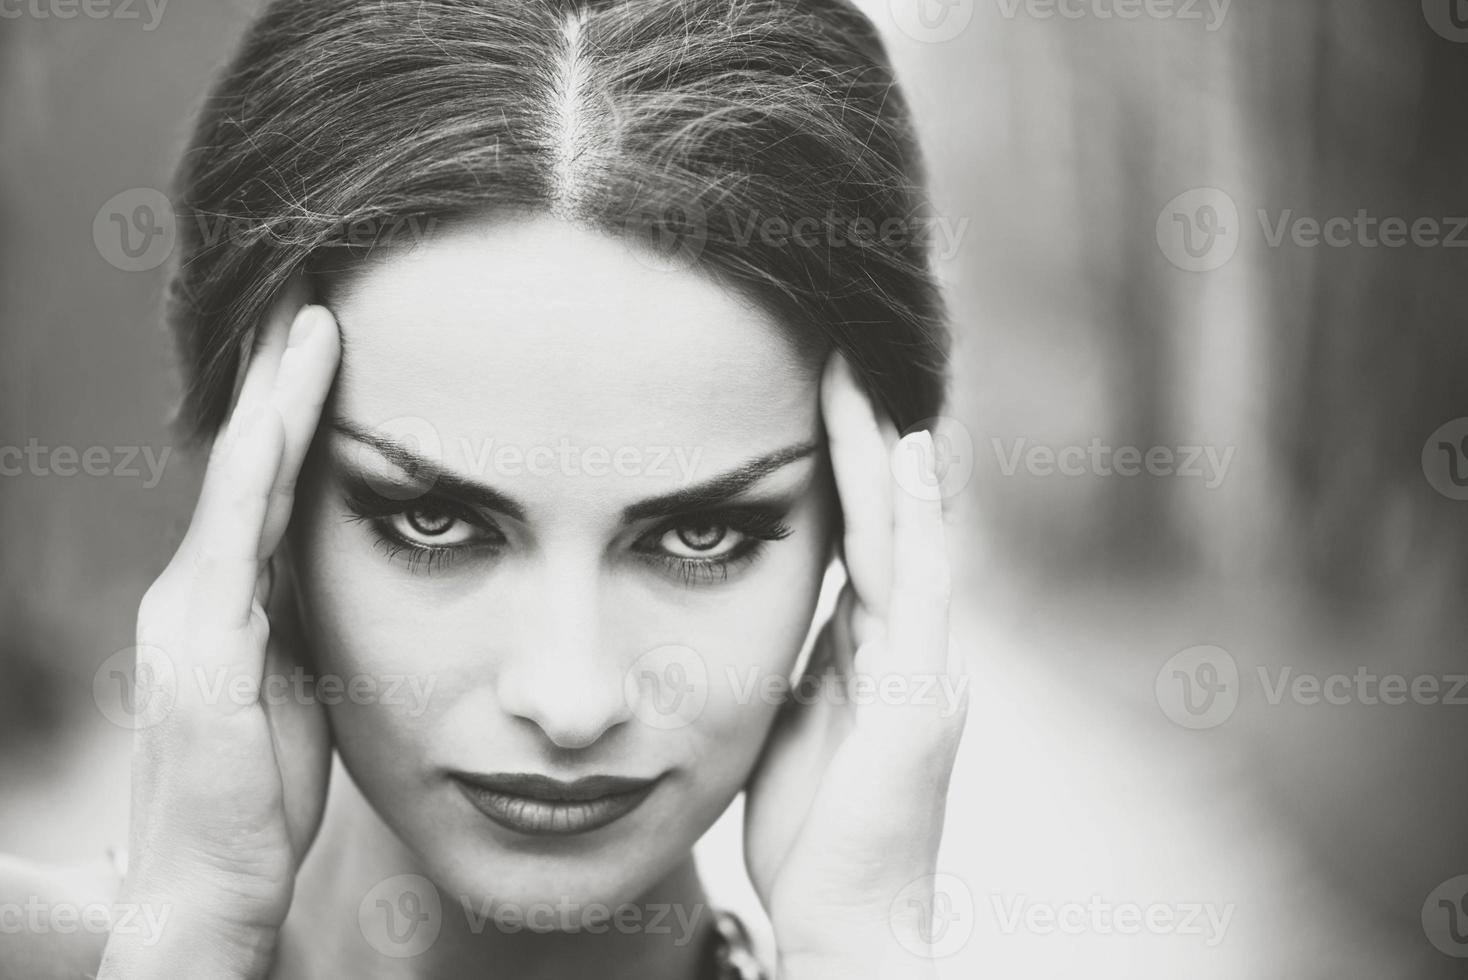 menina bonita morena tocar a cabeça por causa de dor de cabeça foto